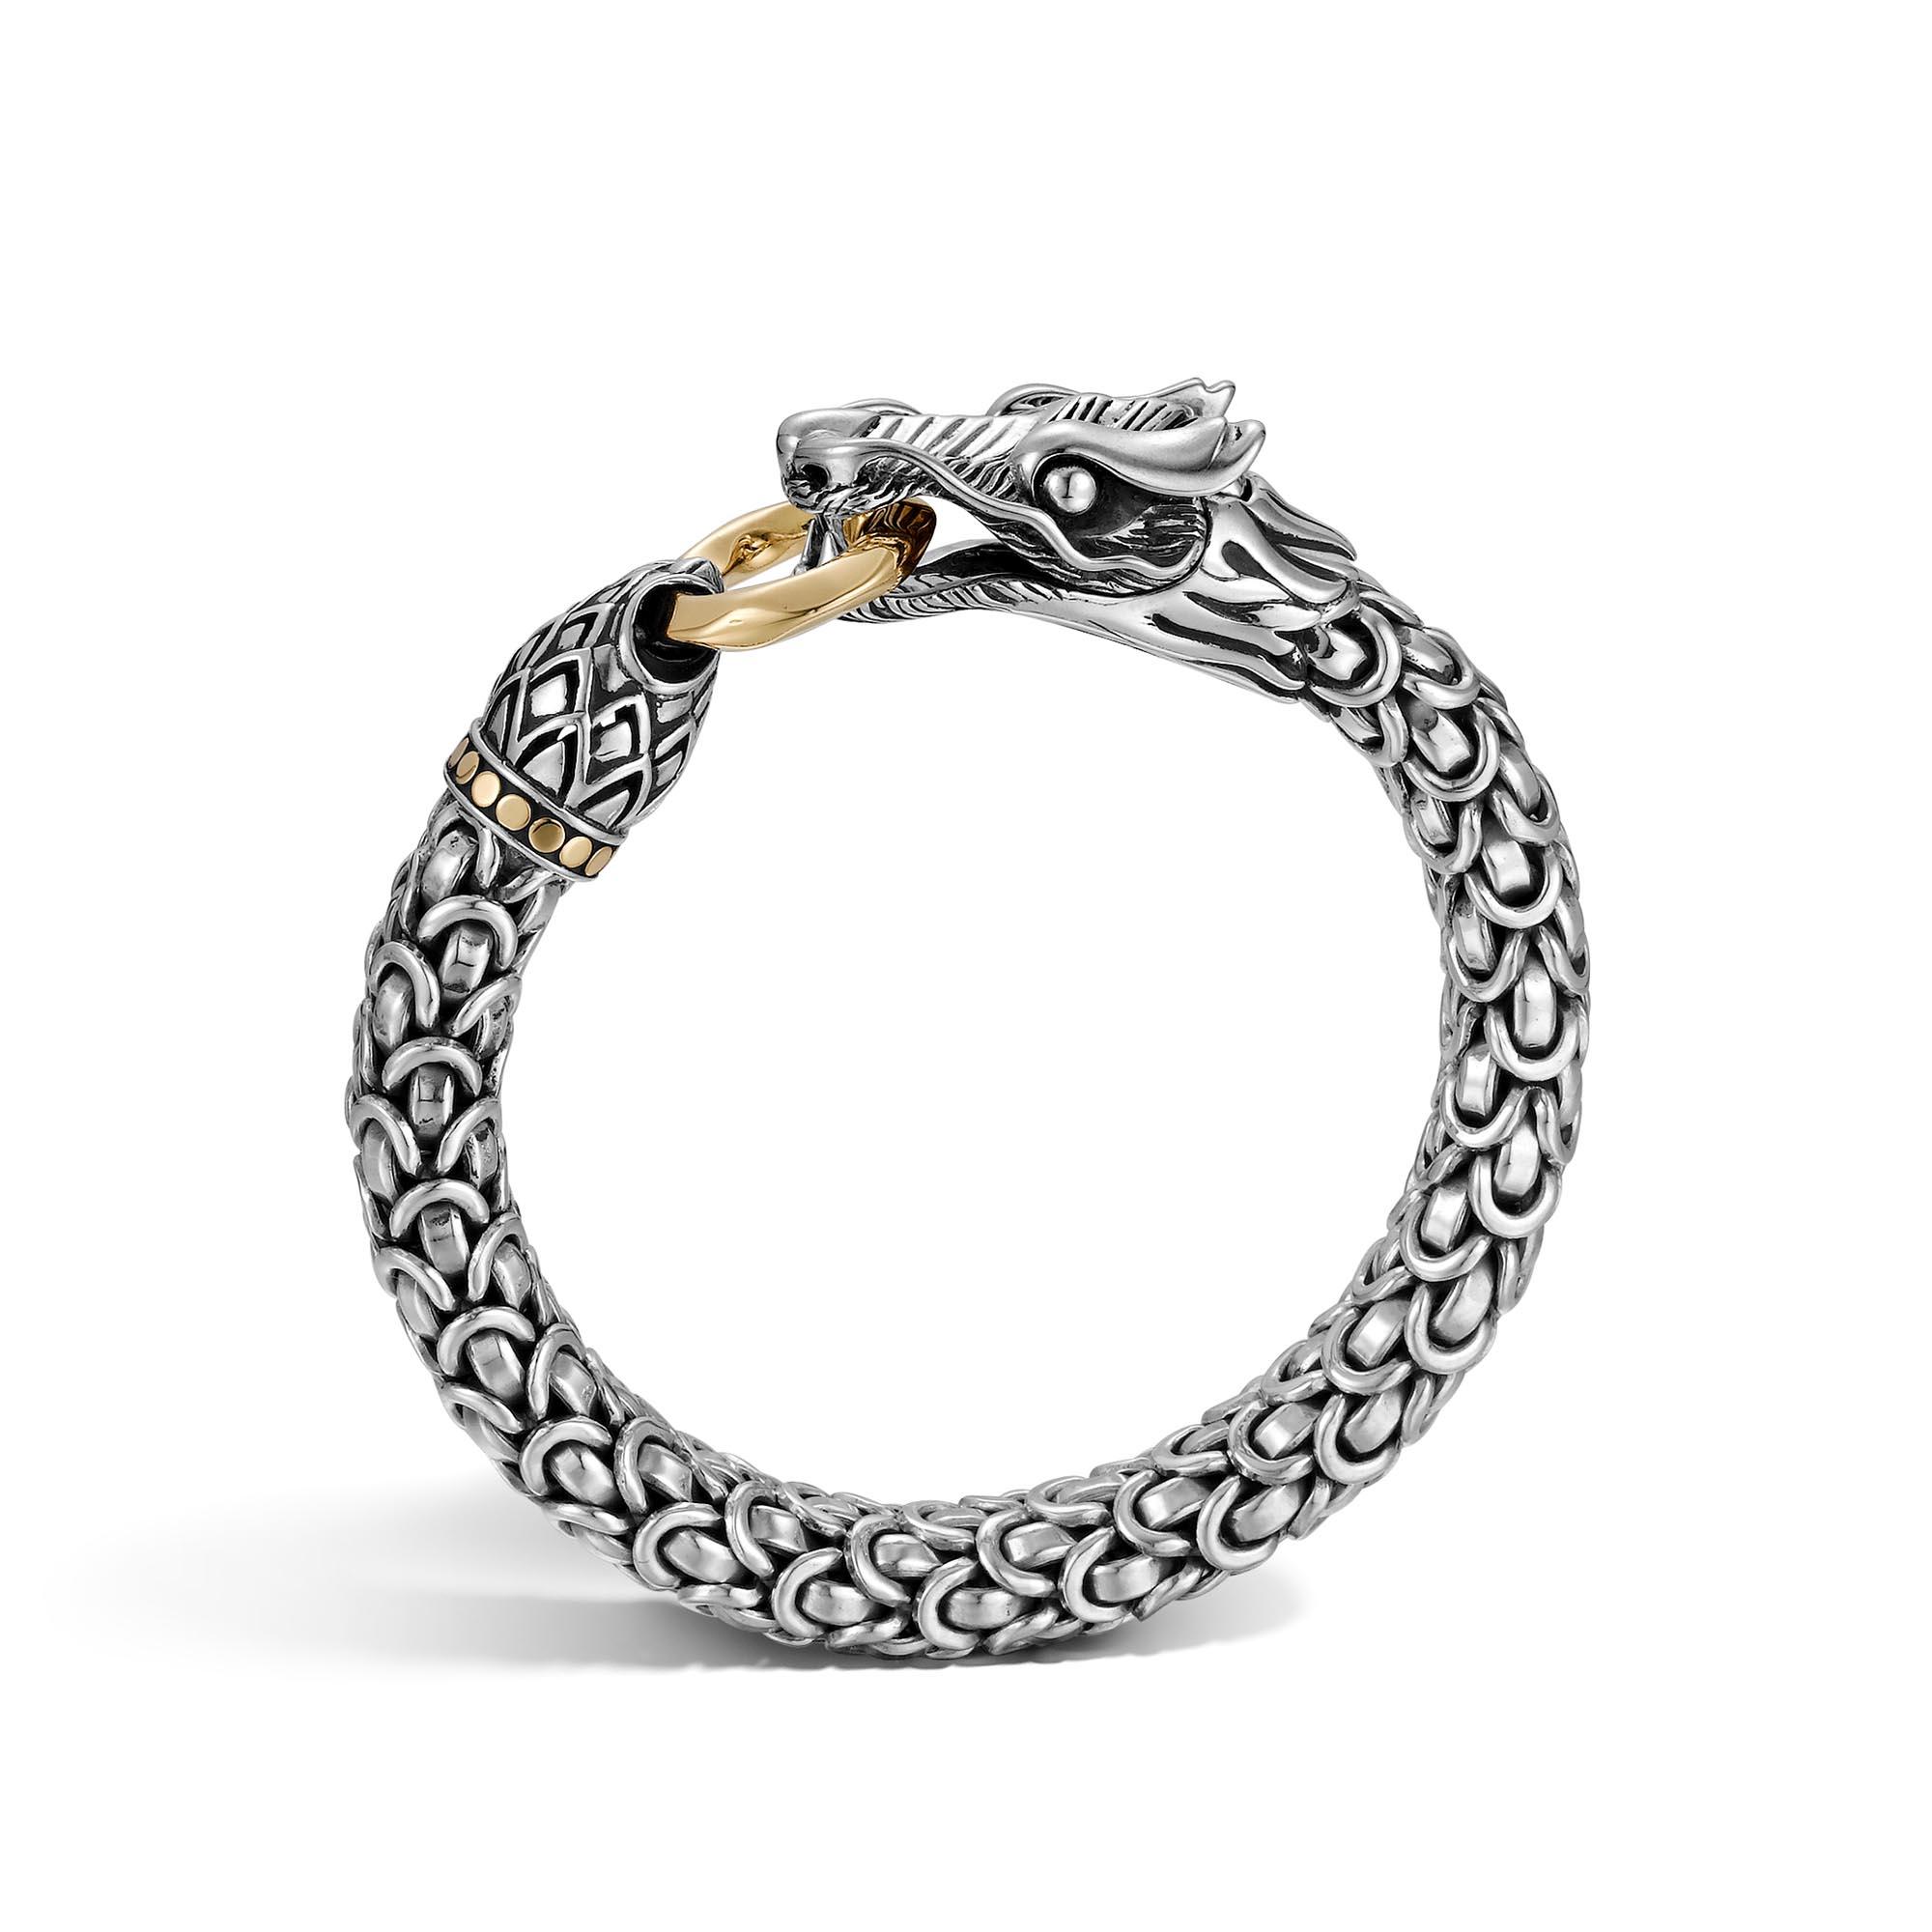 Legends Naga 10MM Station Bracelet in Silver and 18K Gold , , large